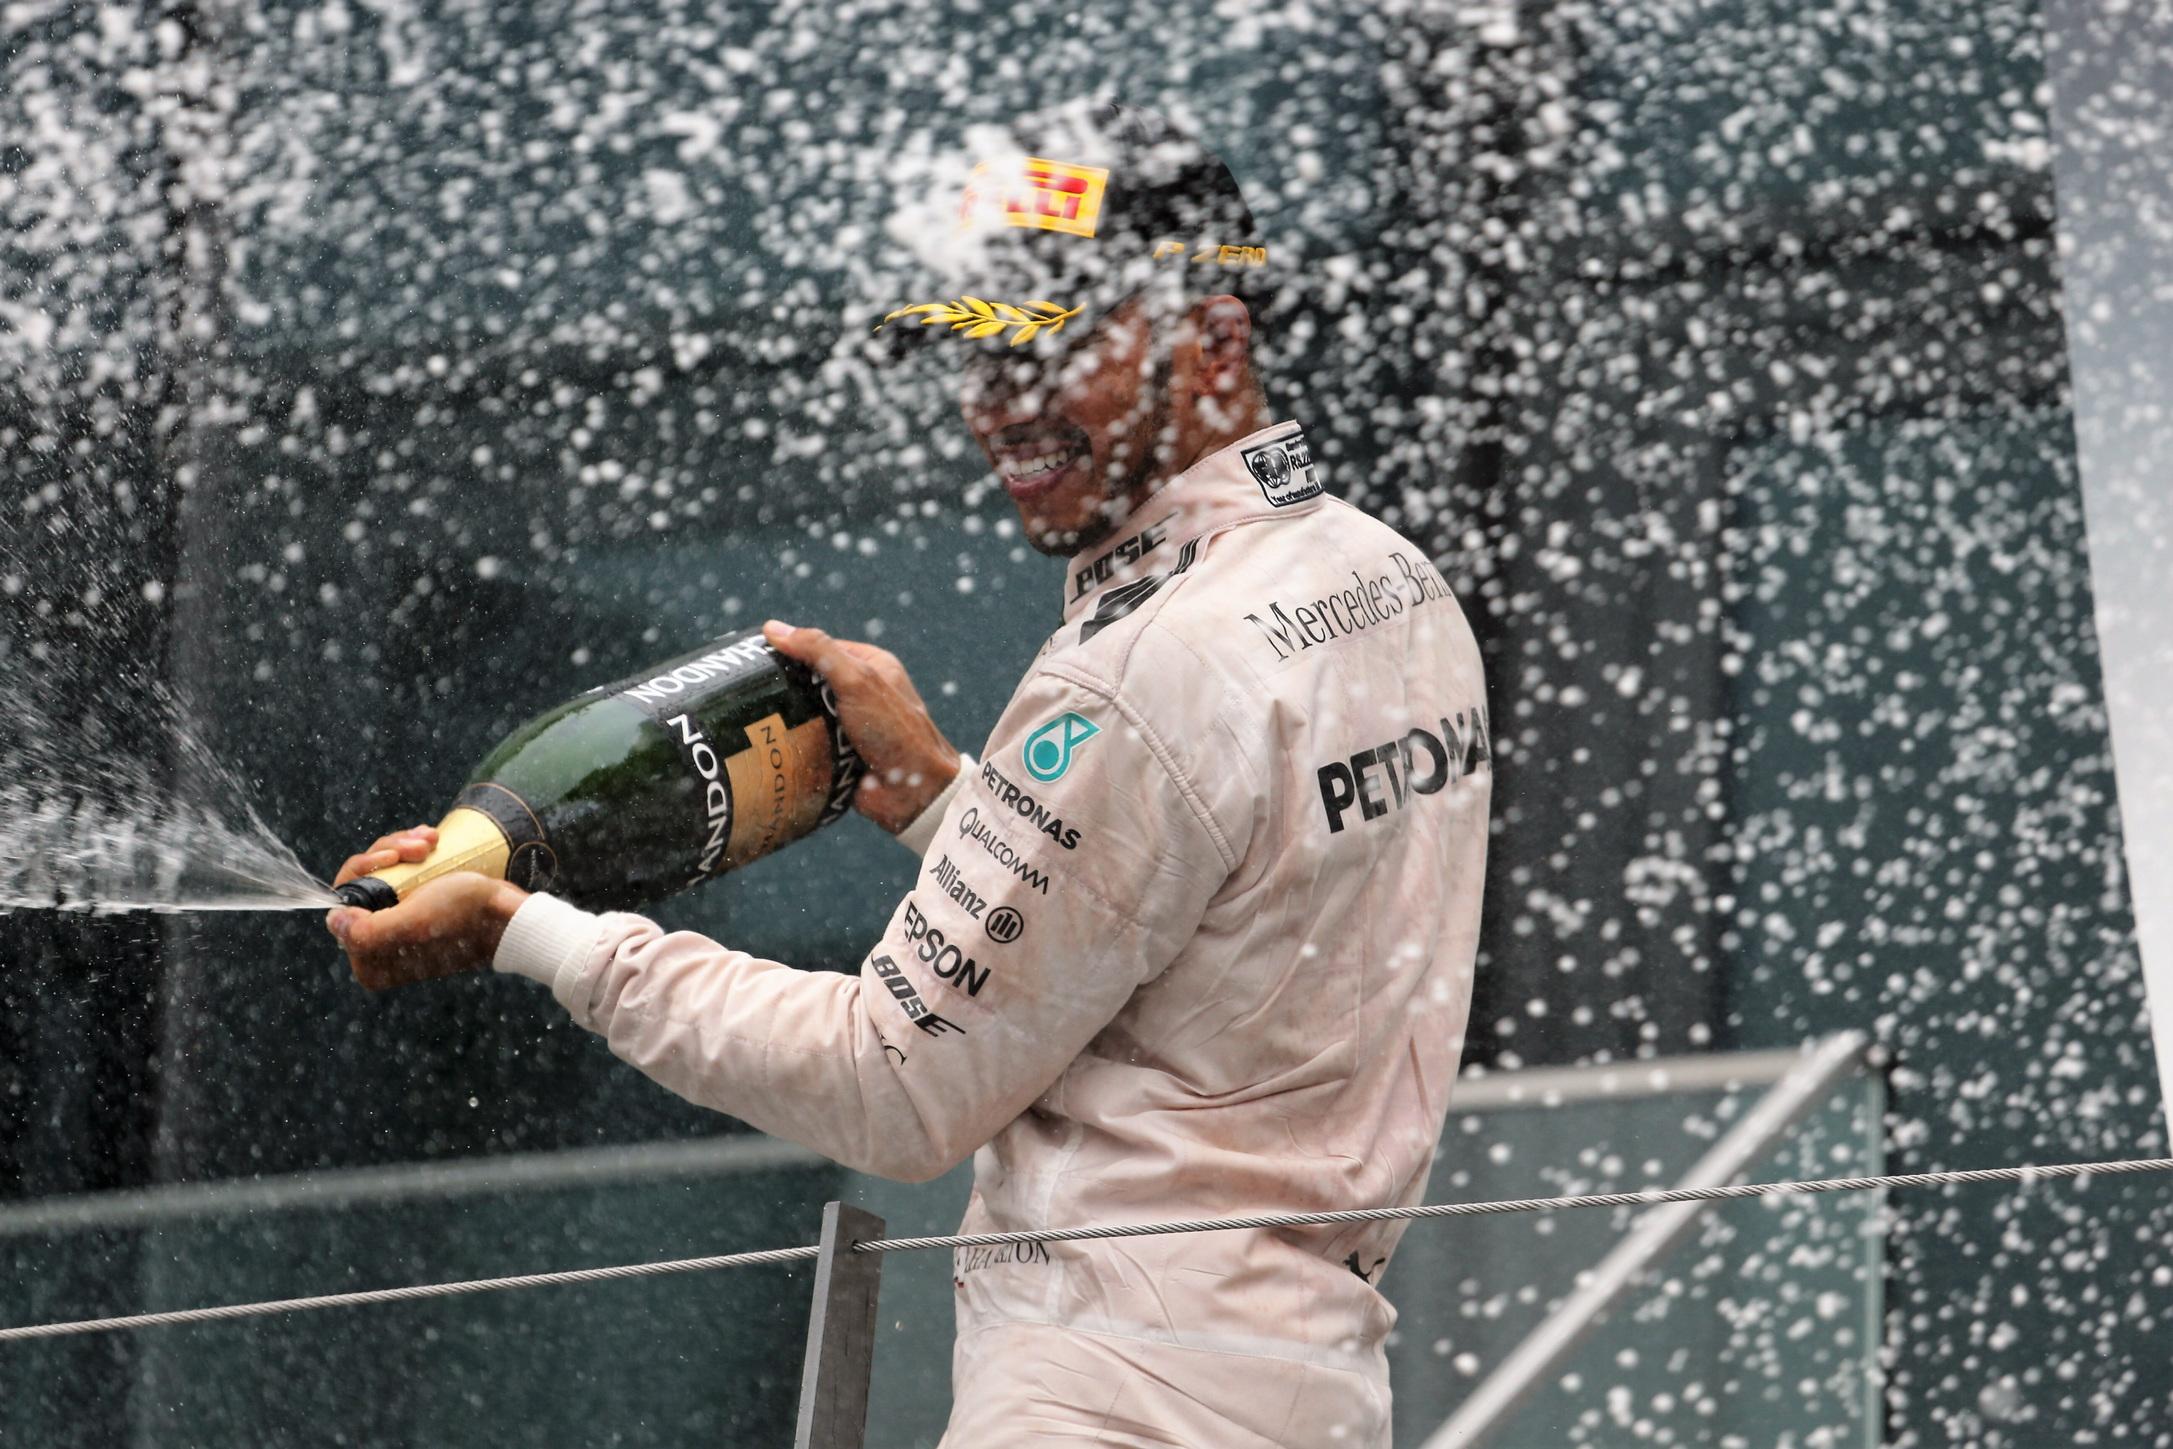 Hamilton wins home grand prix in Silverstone